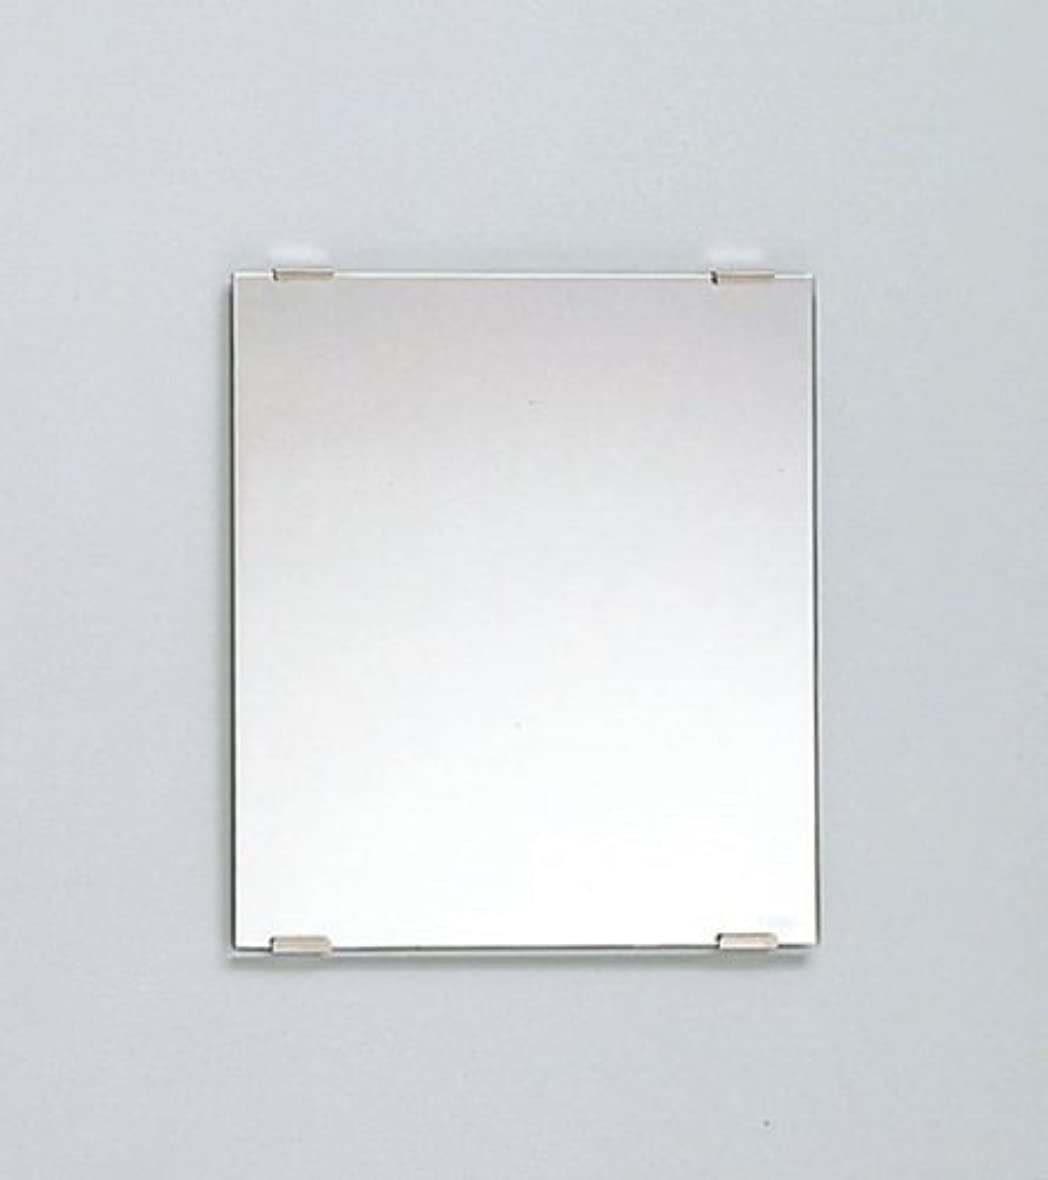 今日ネックレット王子TOTO 化粧鏡 YM3035F 耐食鏡 角型 300×350(mm)